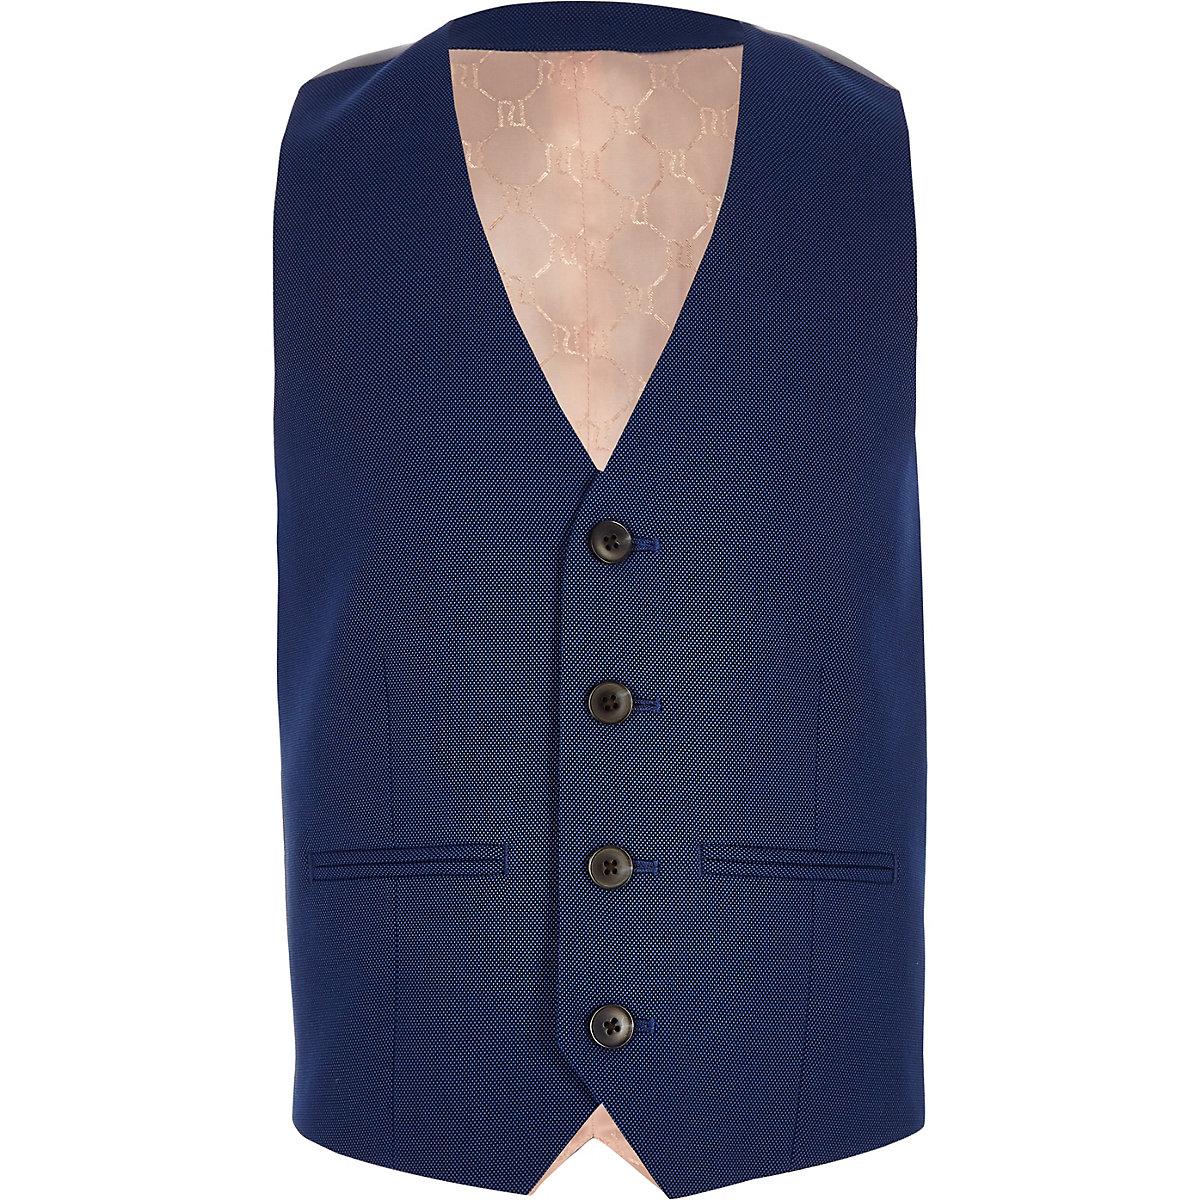 Boys blue suit vest